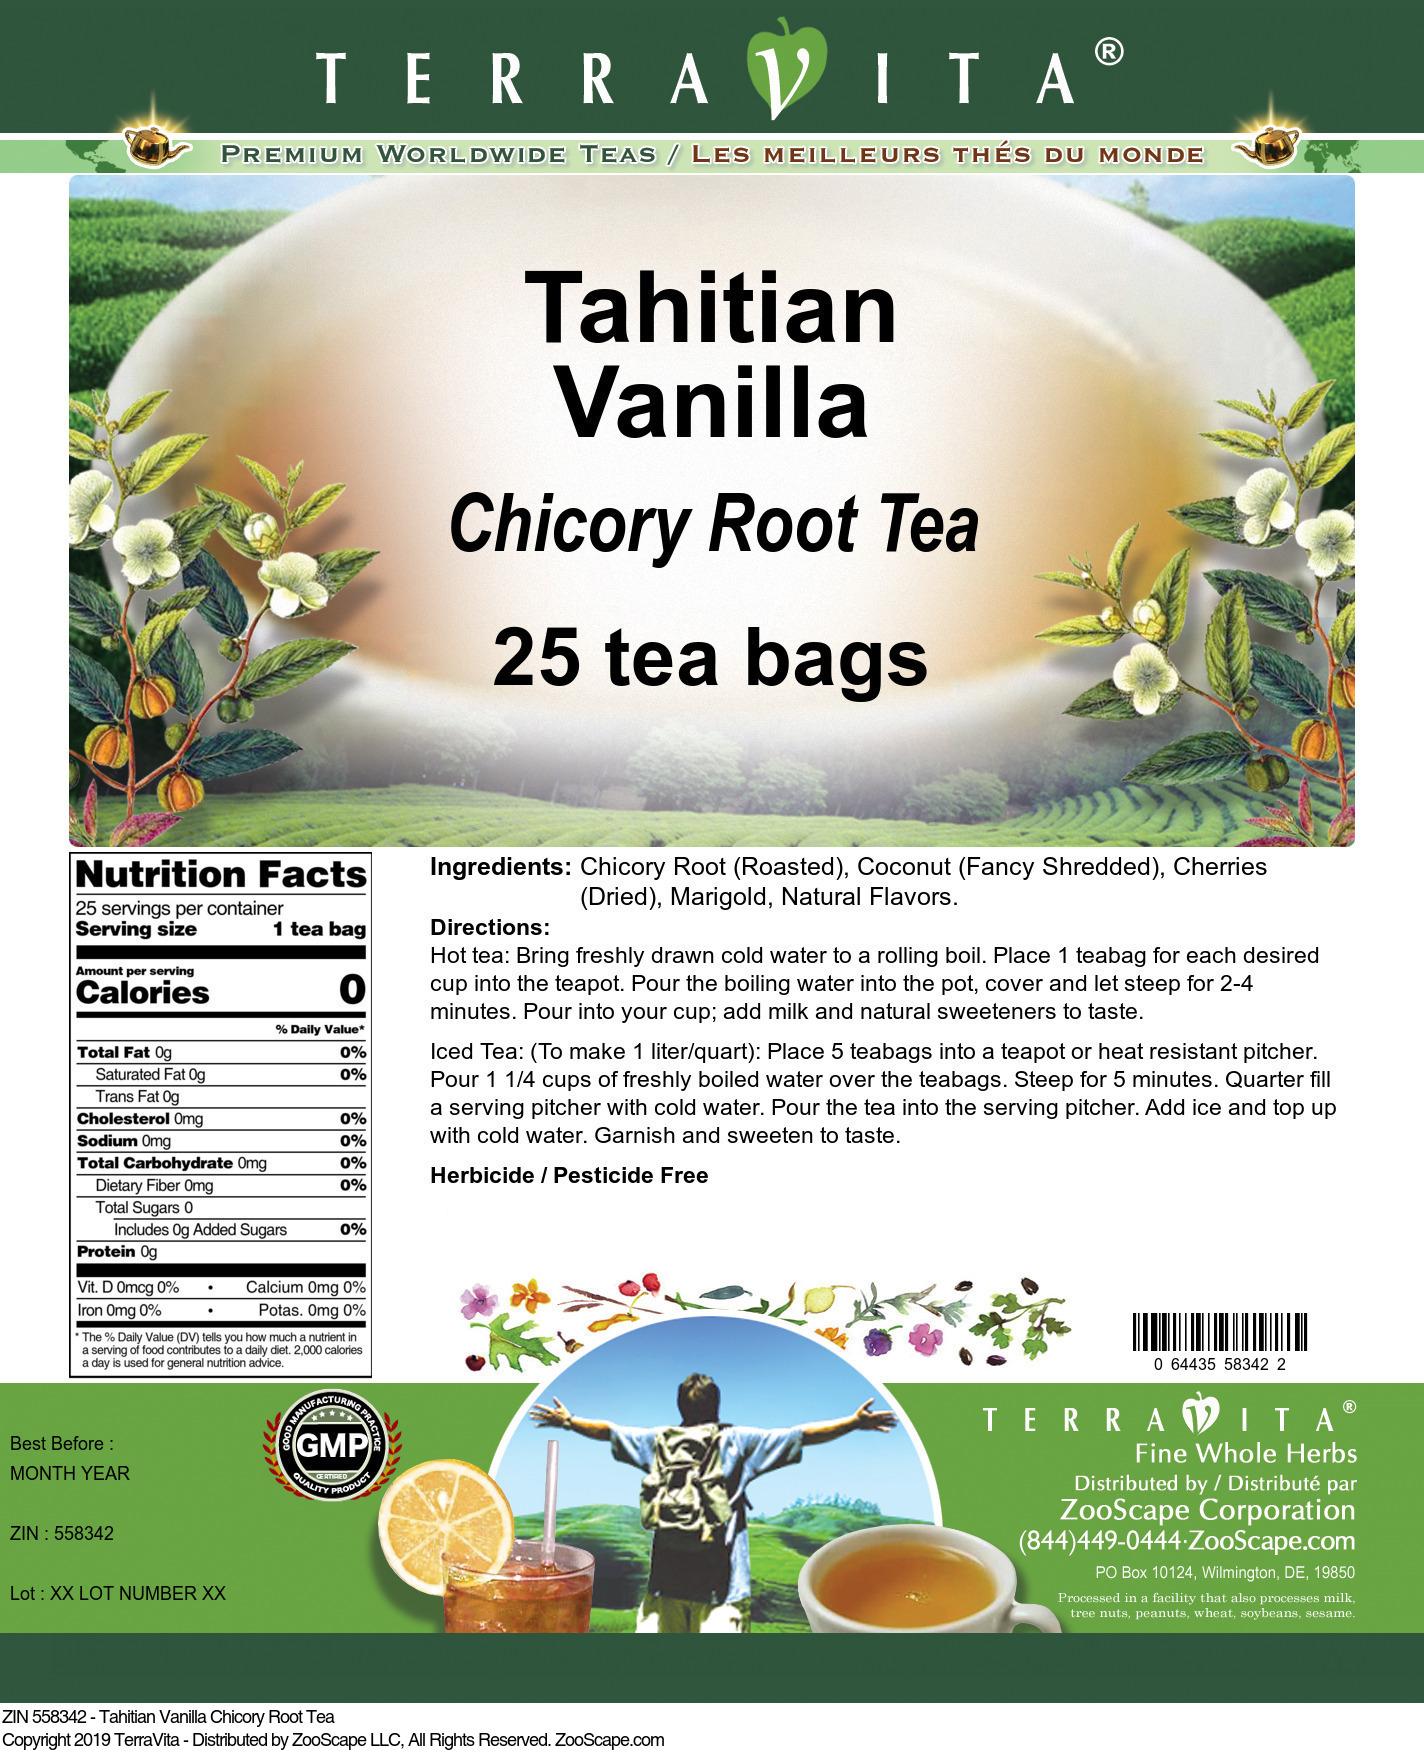 Tahitian Vanilla Chicory Root